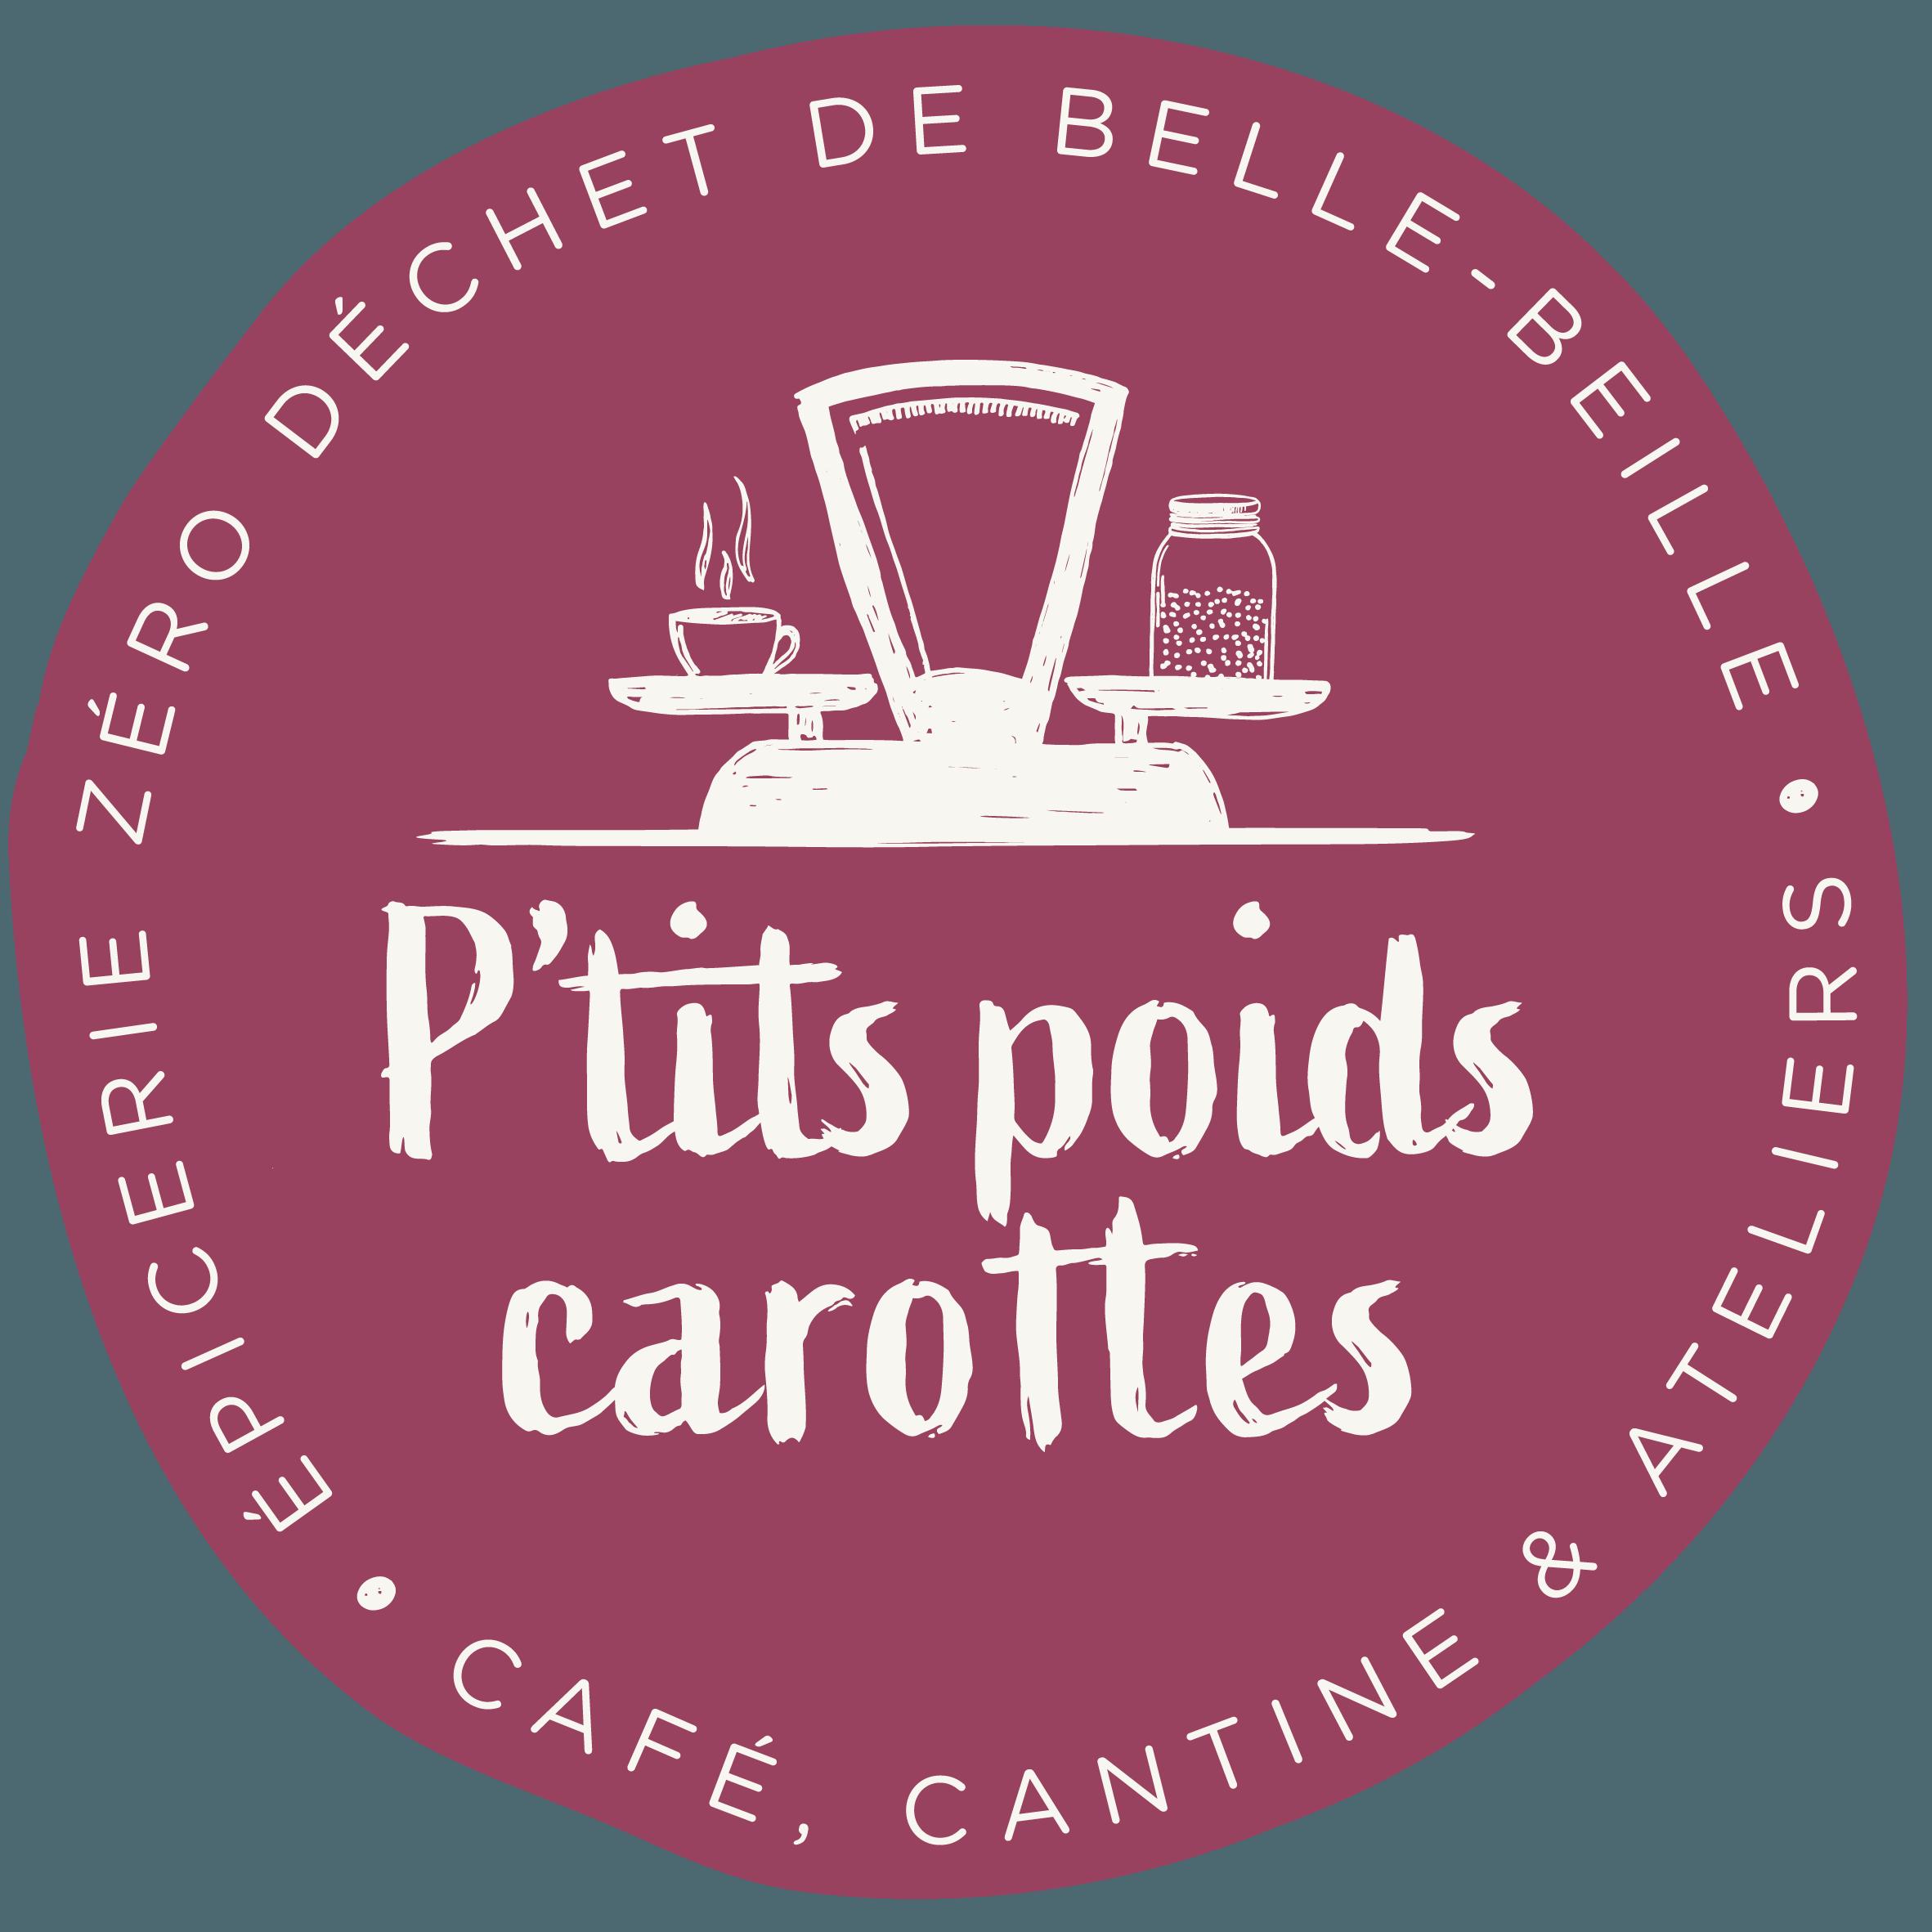 Epicerie vrac zéro déchet à Angers - P'tits poids carottes